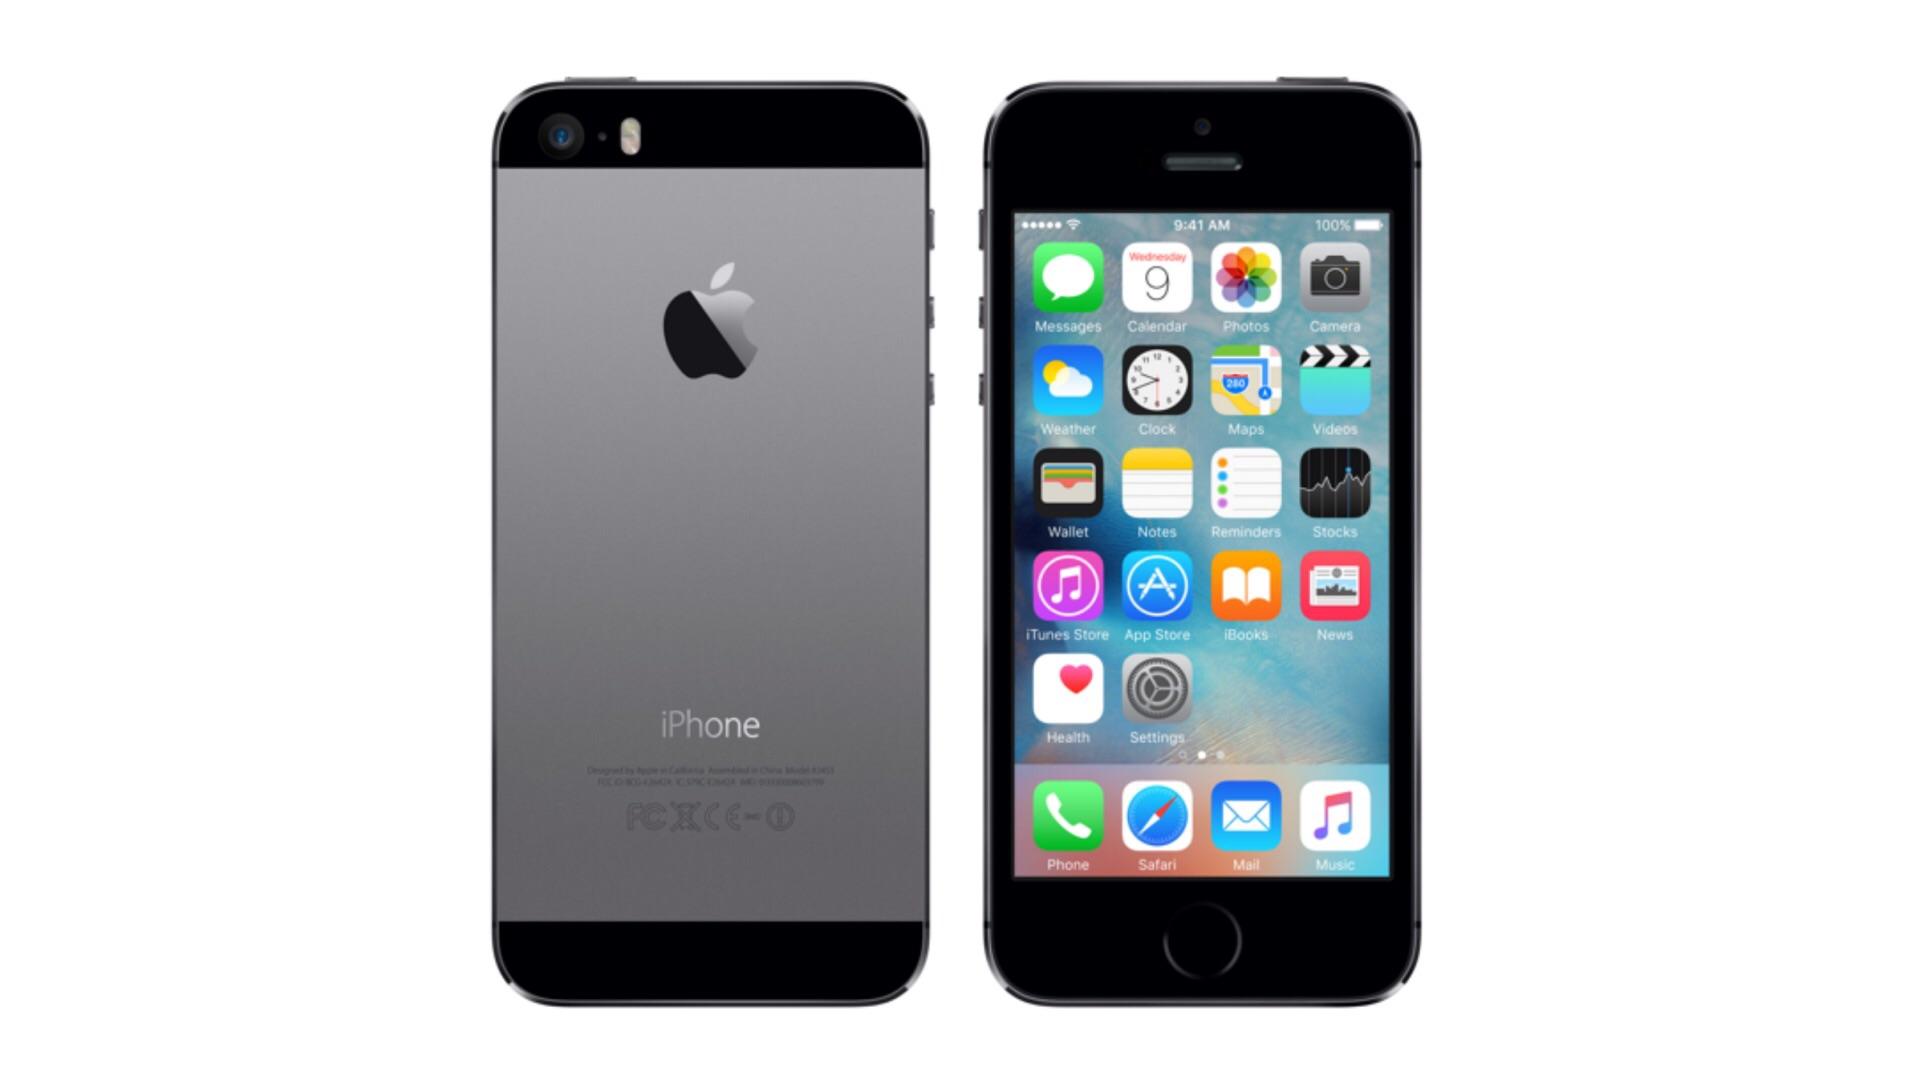 Айфон 5s фото и цена